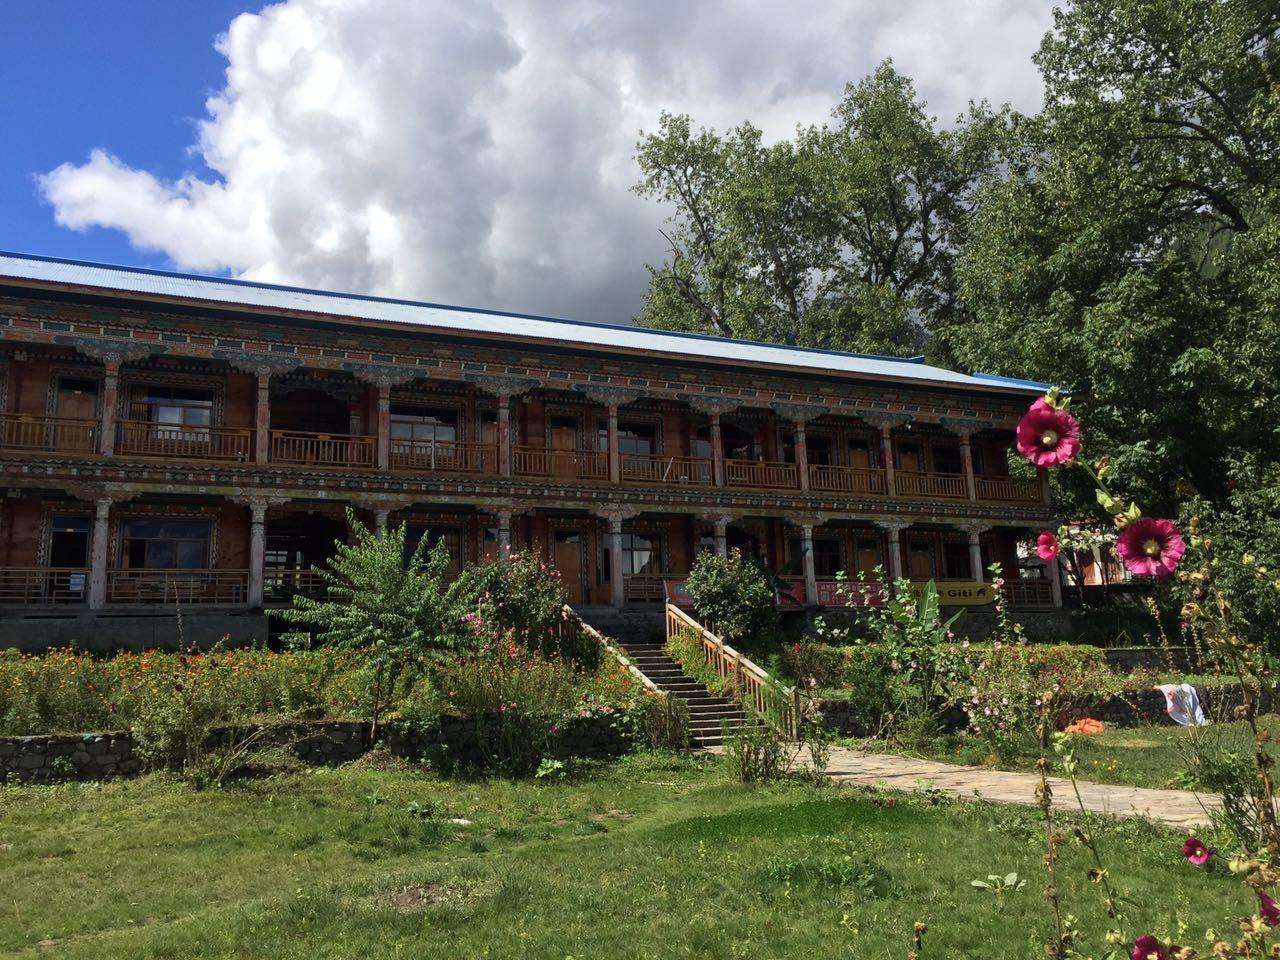 川藏线上的爱情圣殿——康定城 川藏线旅游攻略 第2张